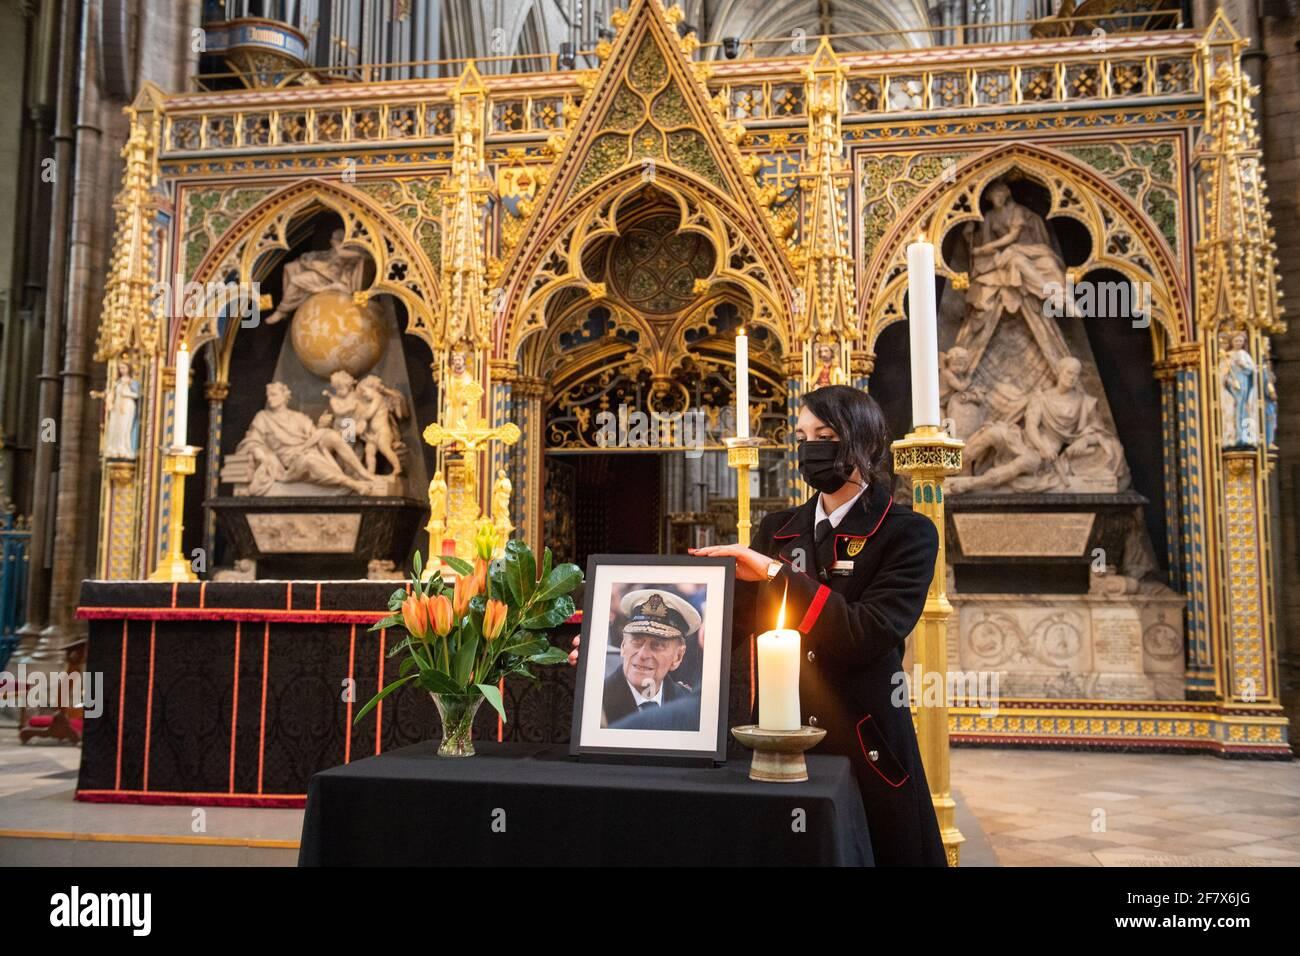 Rosa Wlodarczyk ajusta una fotografía del duque de Edimburgo que se exhibe junto a la nave en la Abadía de Westminster, Londres, que ha sido vestida de negro para marcar su muerte. Fecha de la foto: Sábado 10 de abril de 2021. Foto de stock